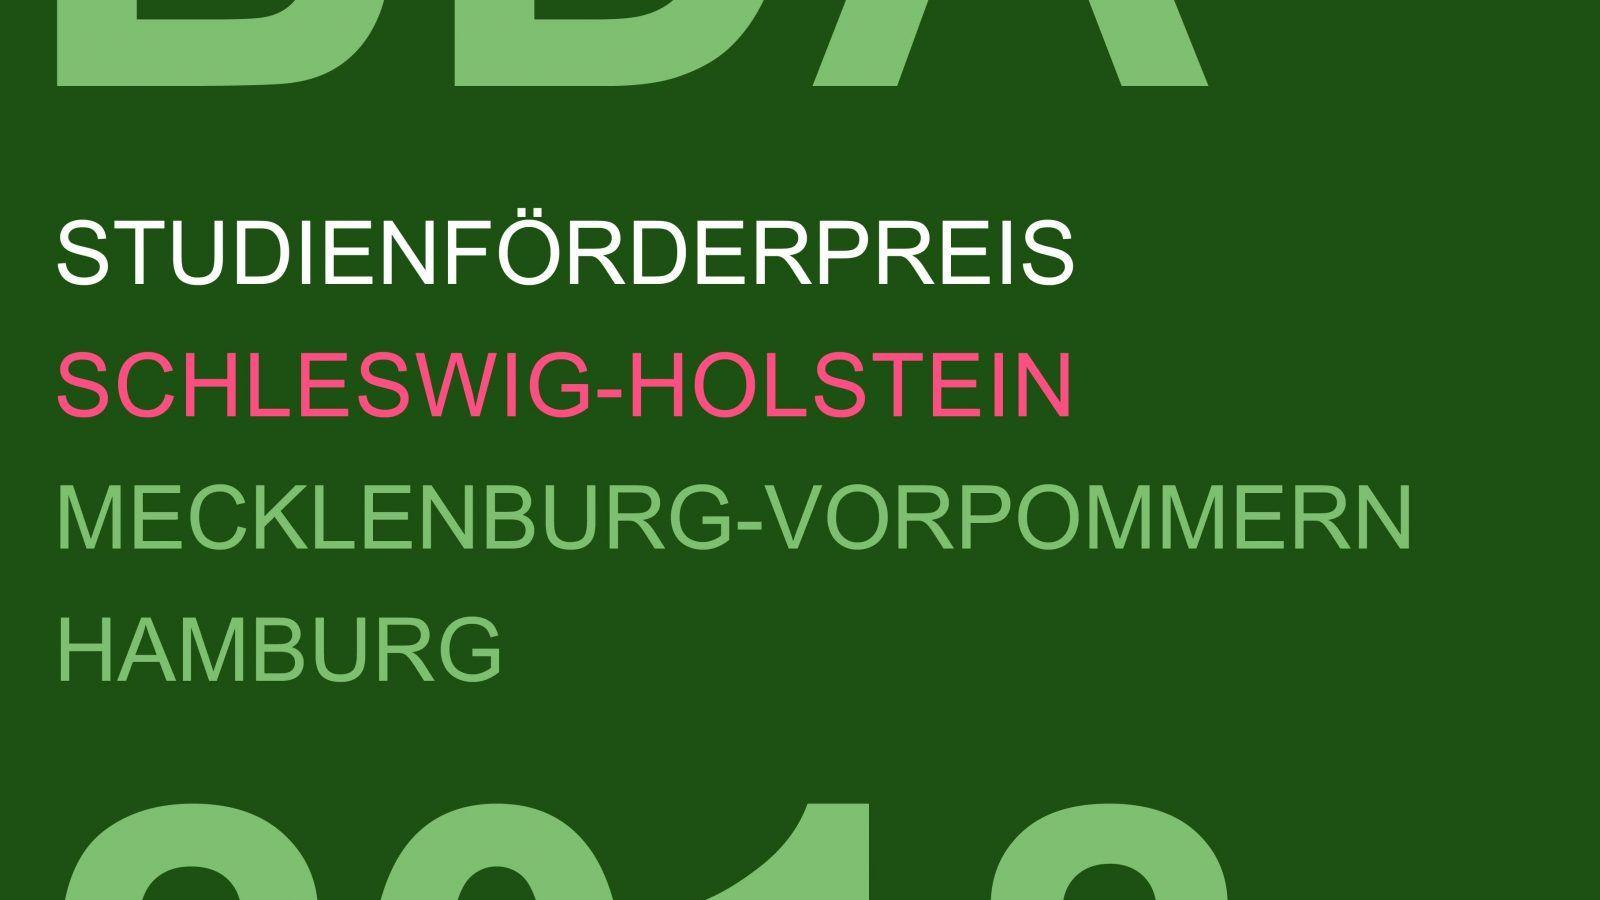 c551051981d4e4 Ausstellung zum BDA Studienförderpreis in der Muthesius Kunsthochschule